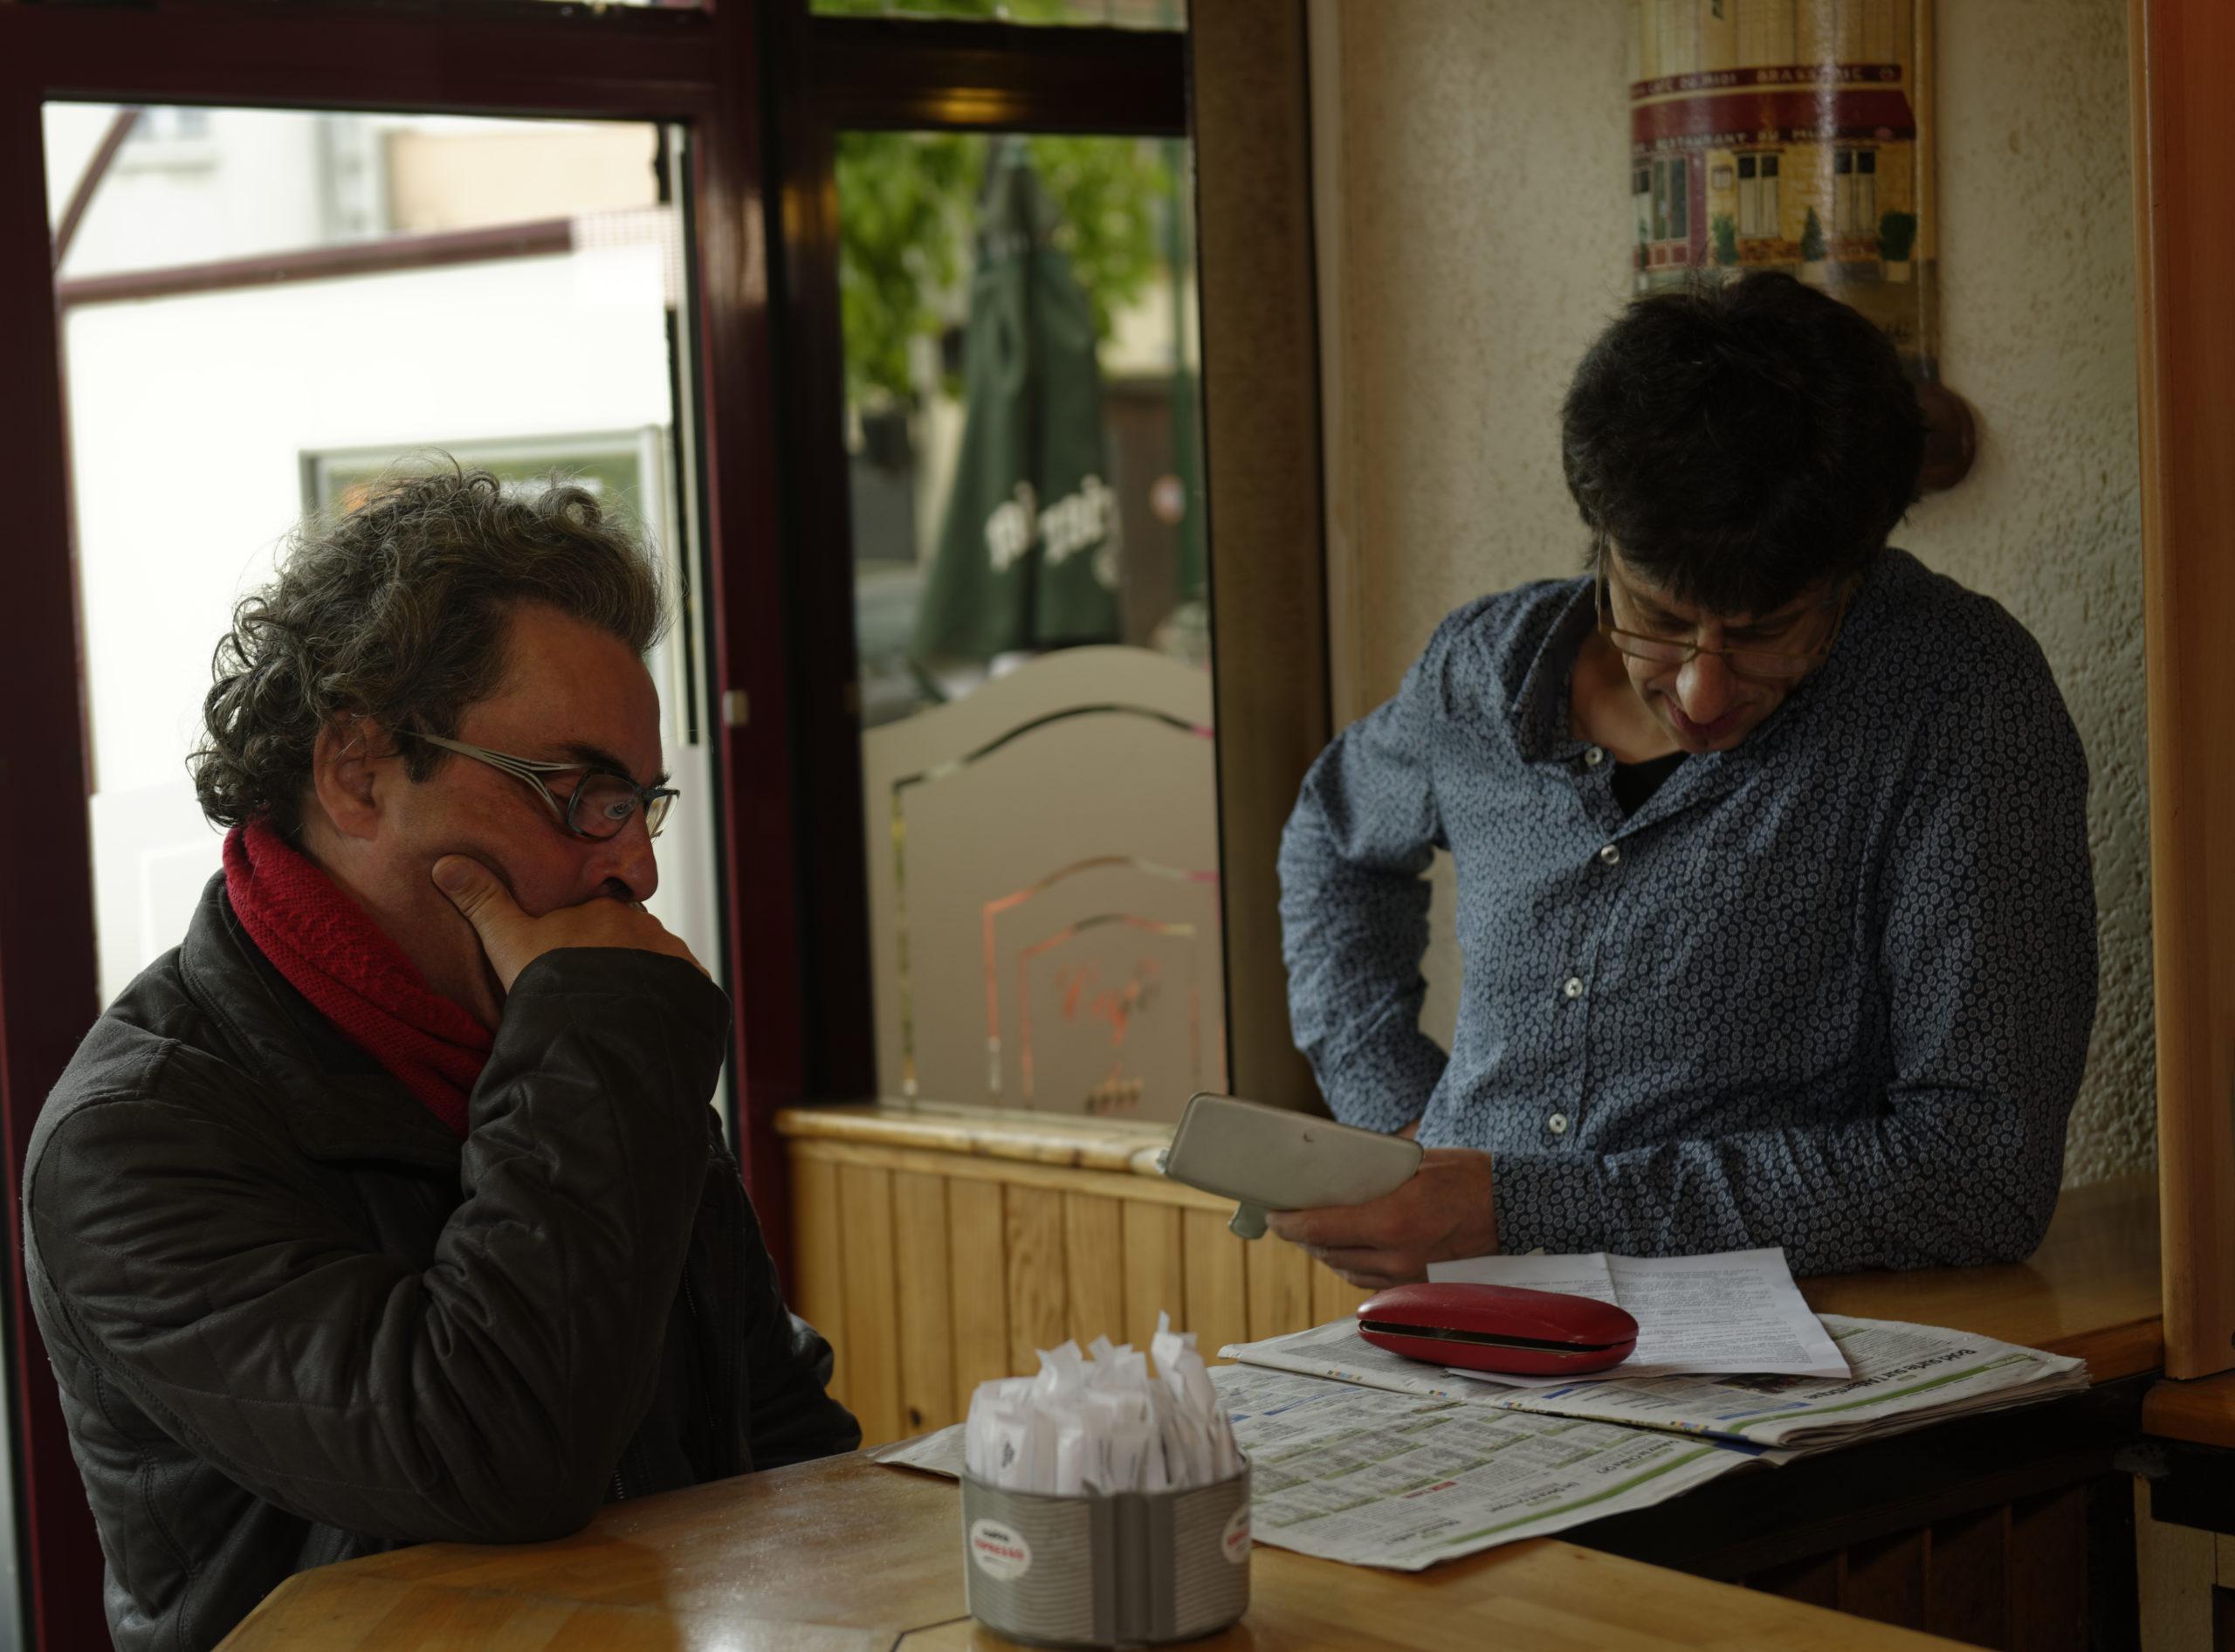 Pere et impair photos tournage 41